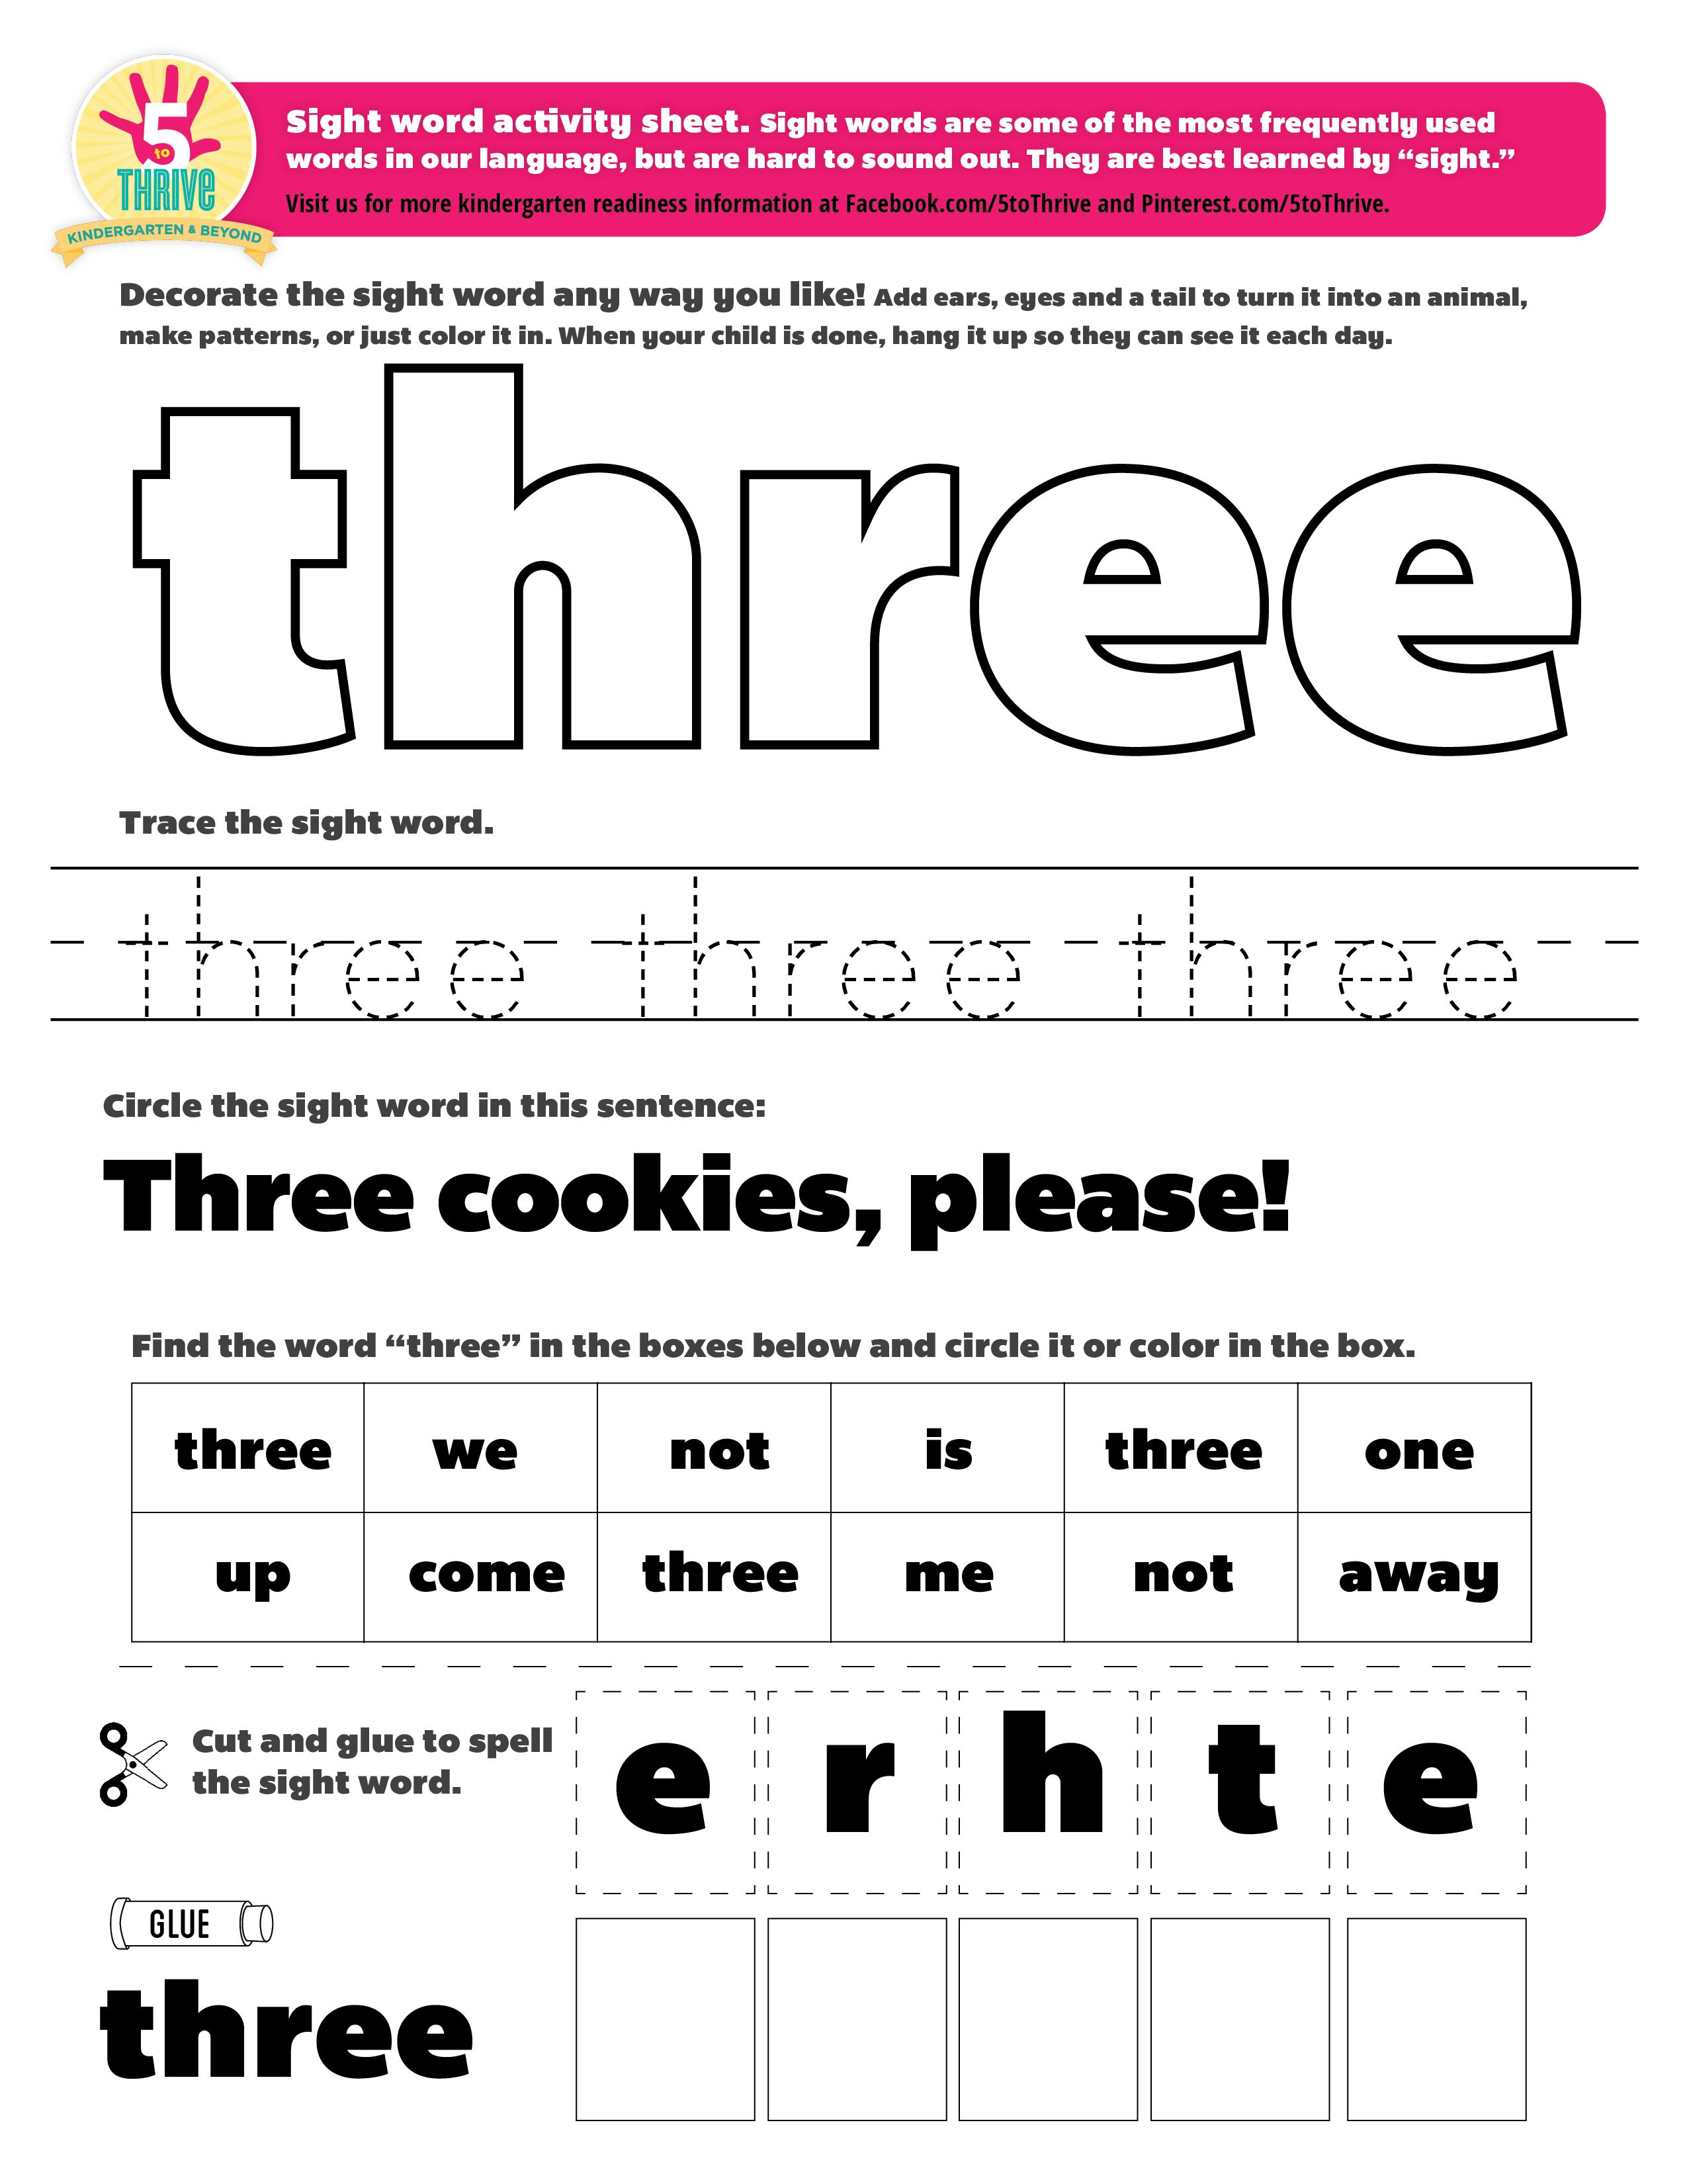 Three Cookies Ple Se This Week